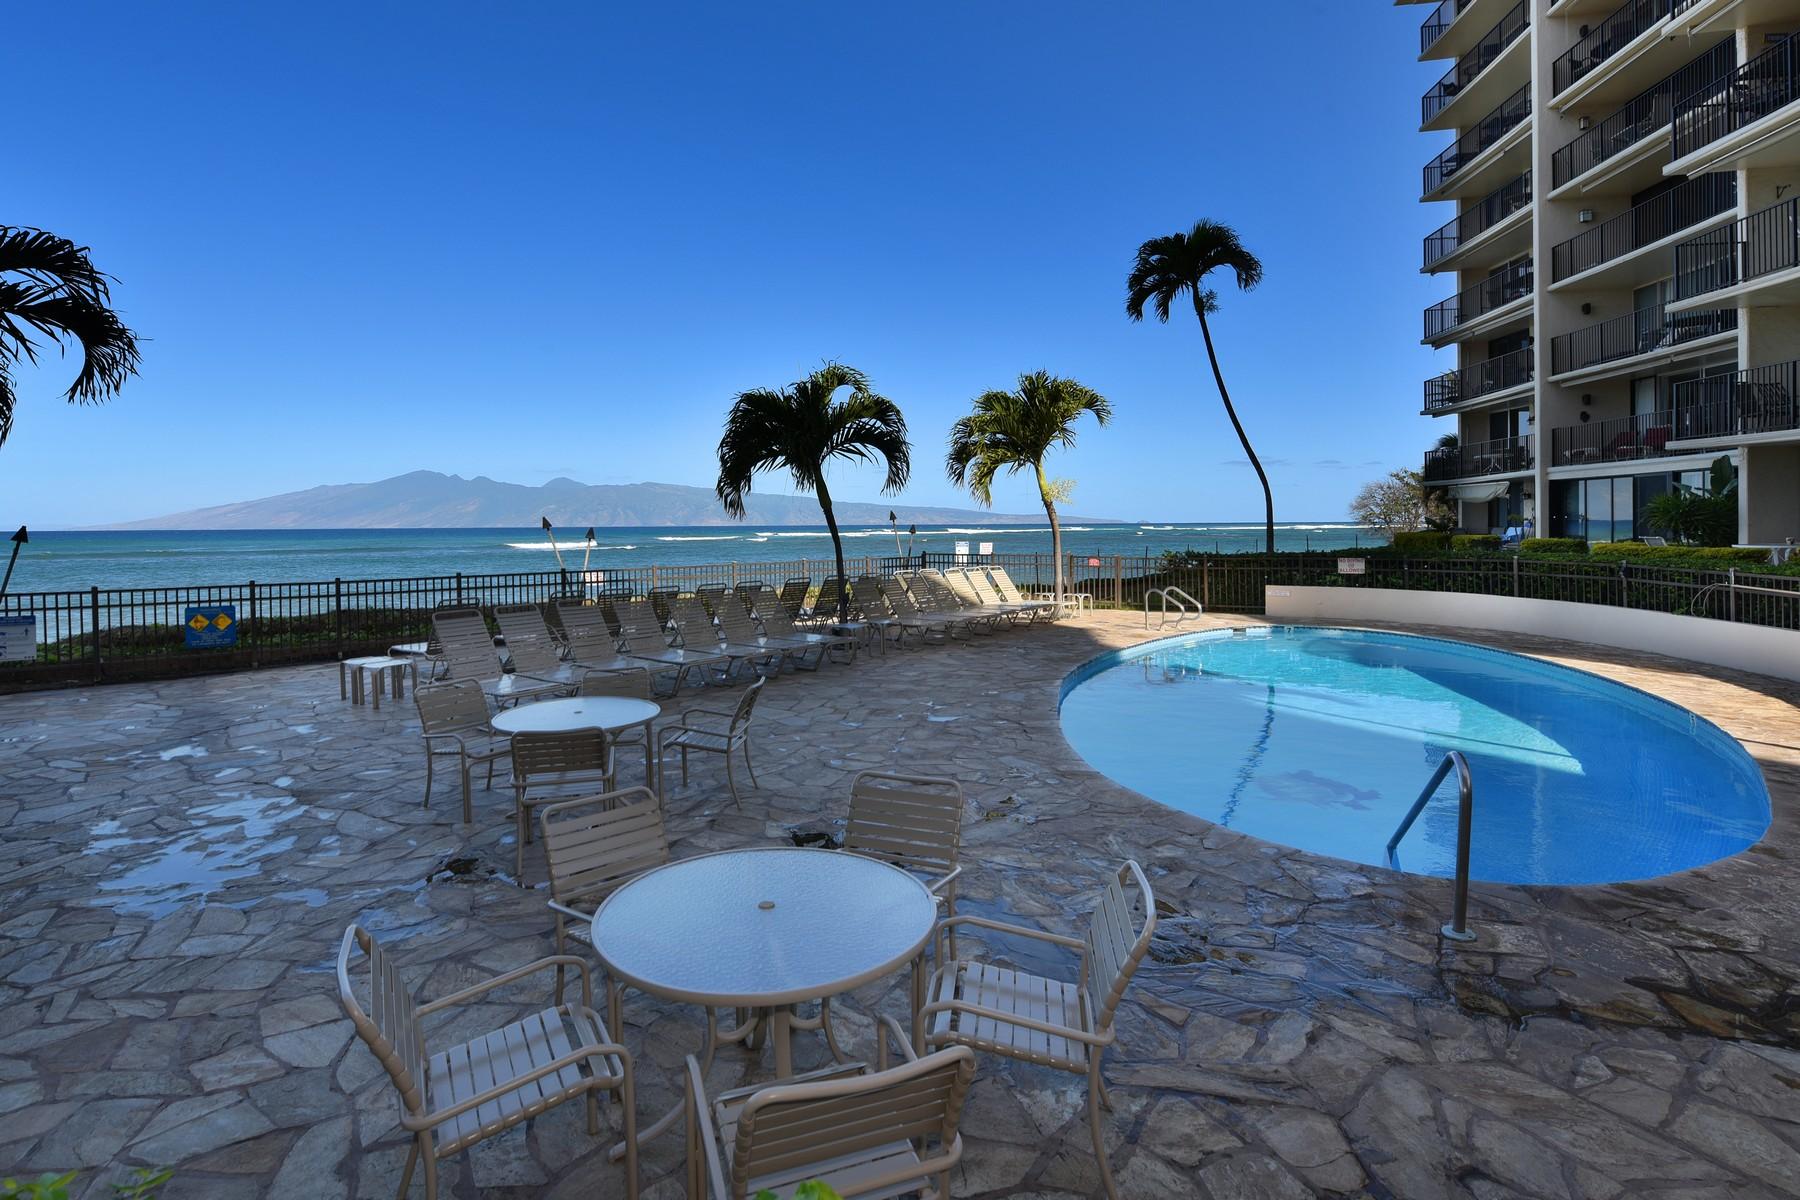 Кондоминиум для того Продажа на Paradise Found 4401 Lower Honoapiilani Road, Hololani A104 Kahana, Гавайи, 96761 Соединенные Штаты